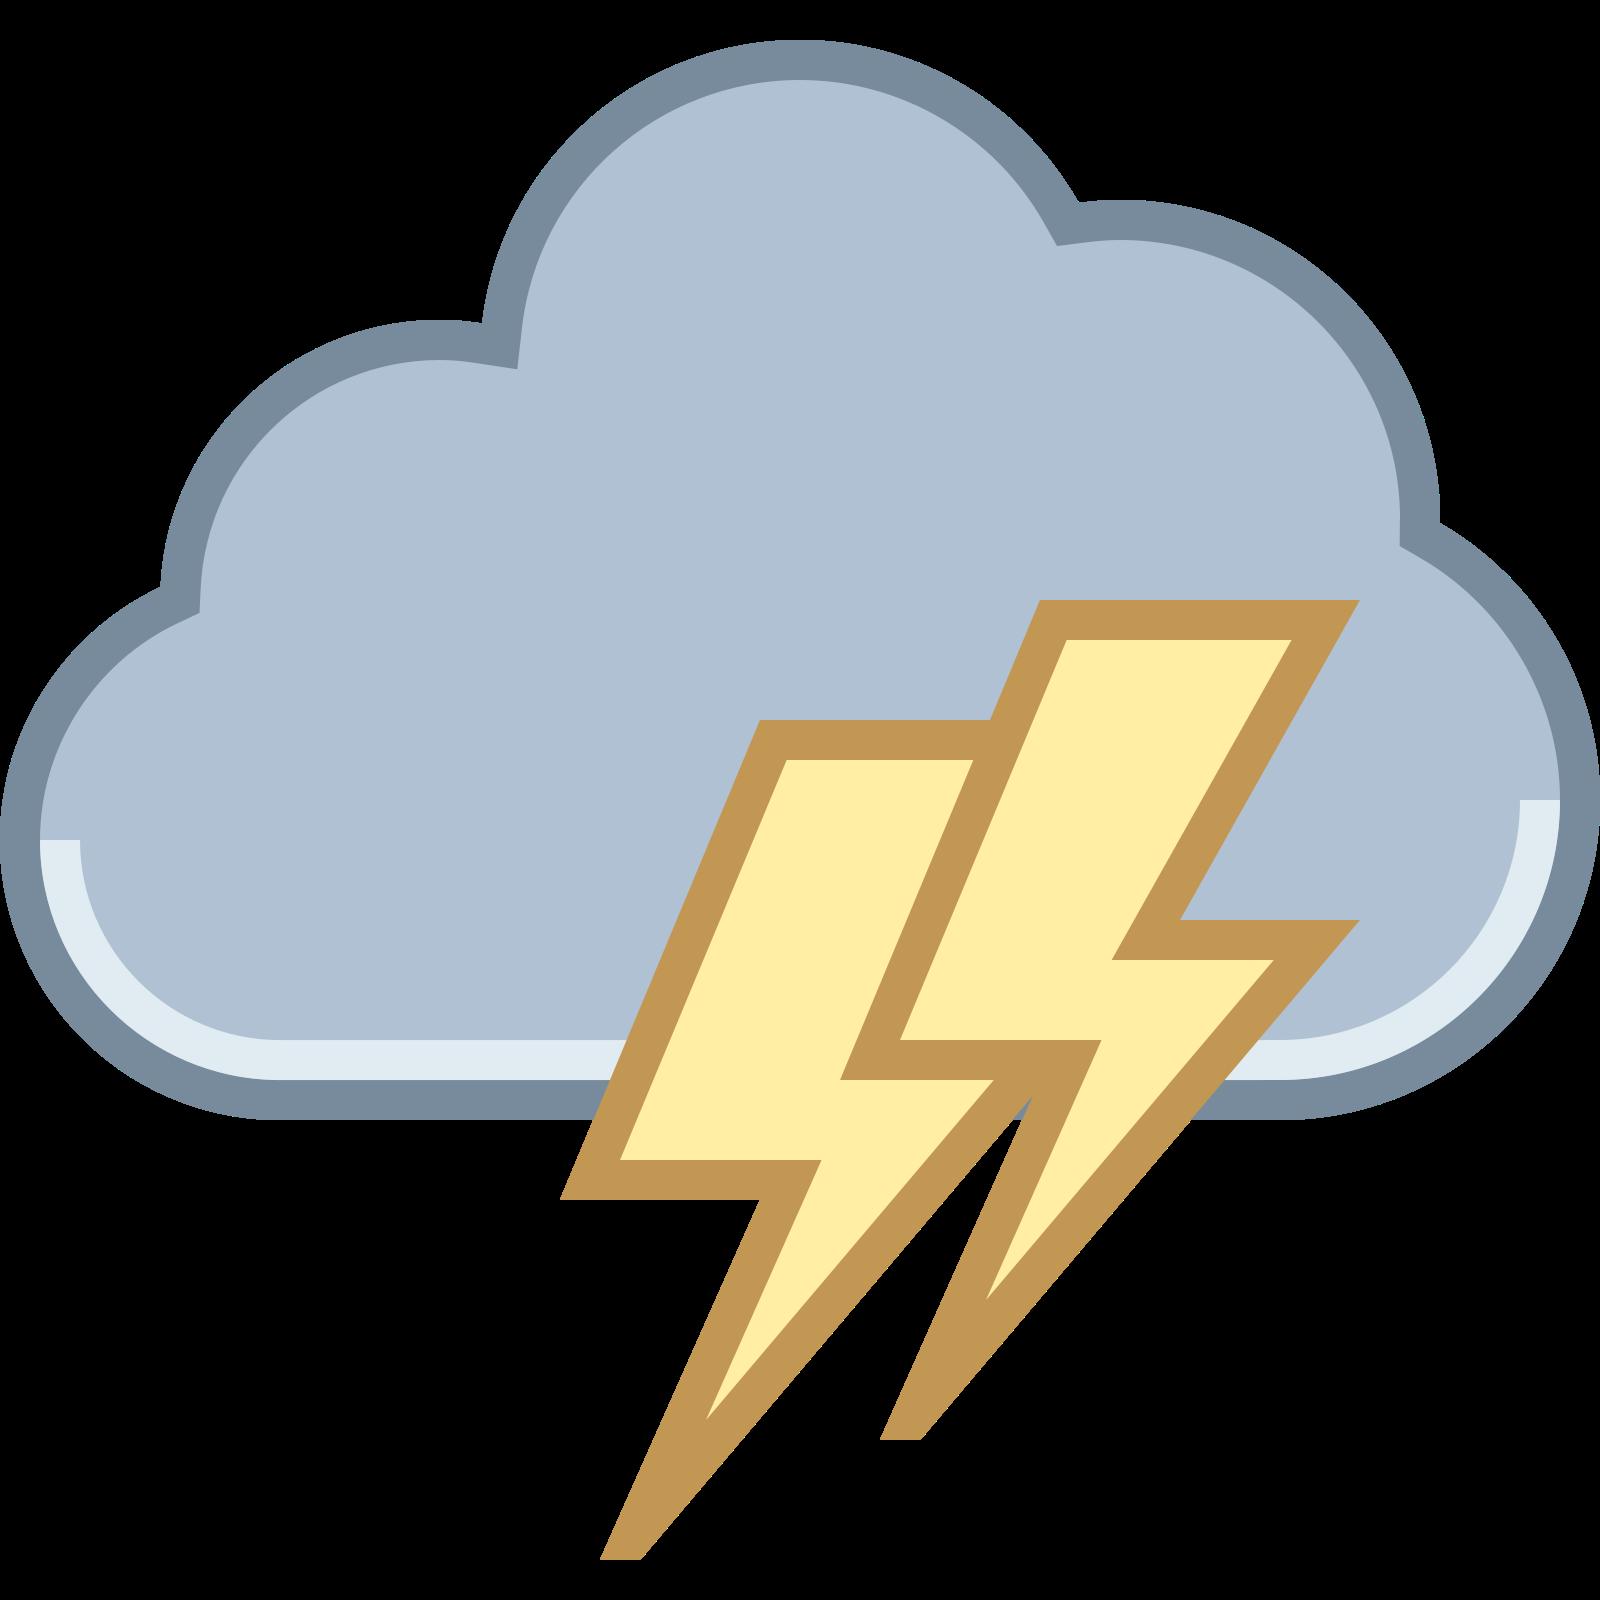 云闪电 icon